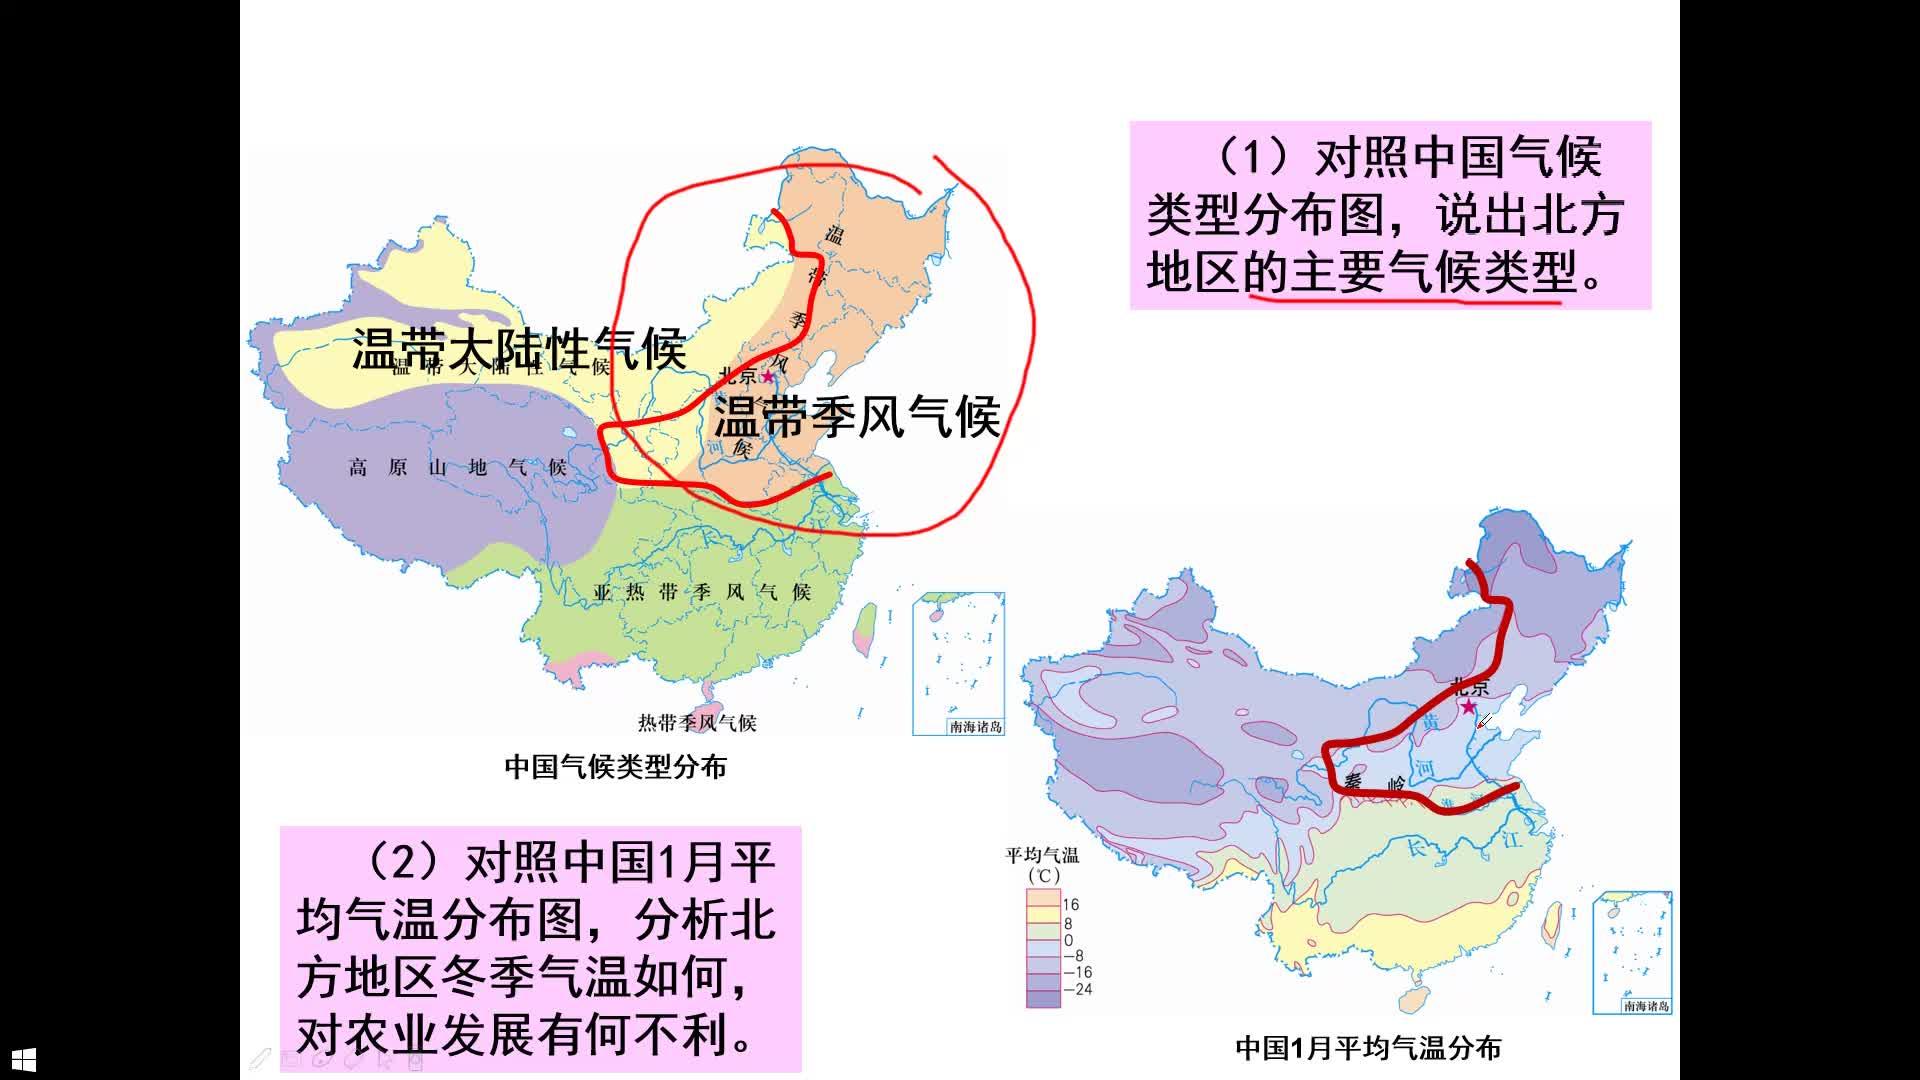 中考復習(xi)23南(nan)方地區和北方地區 微課堂